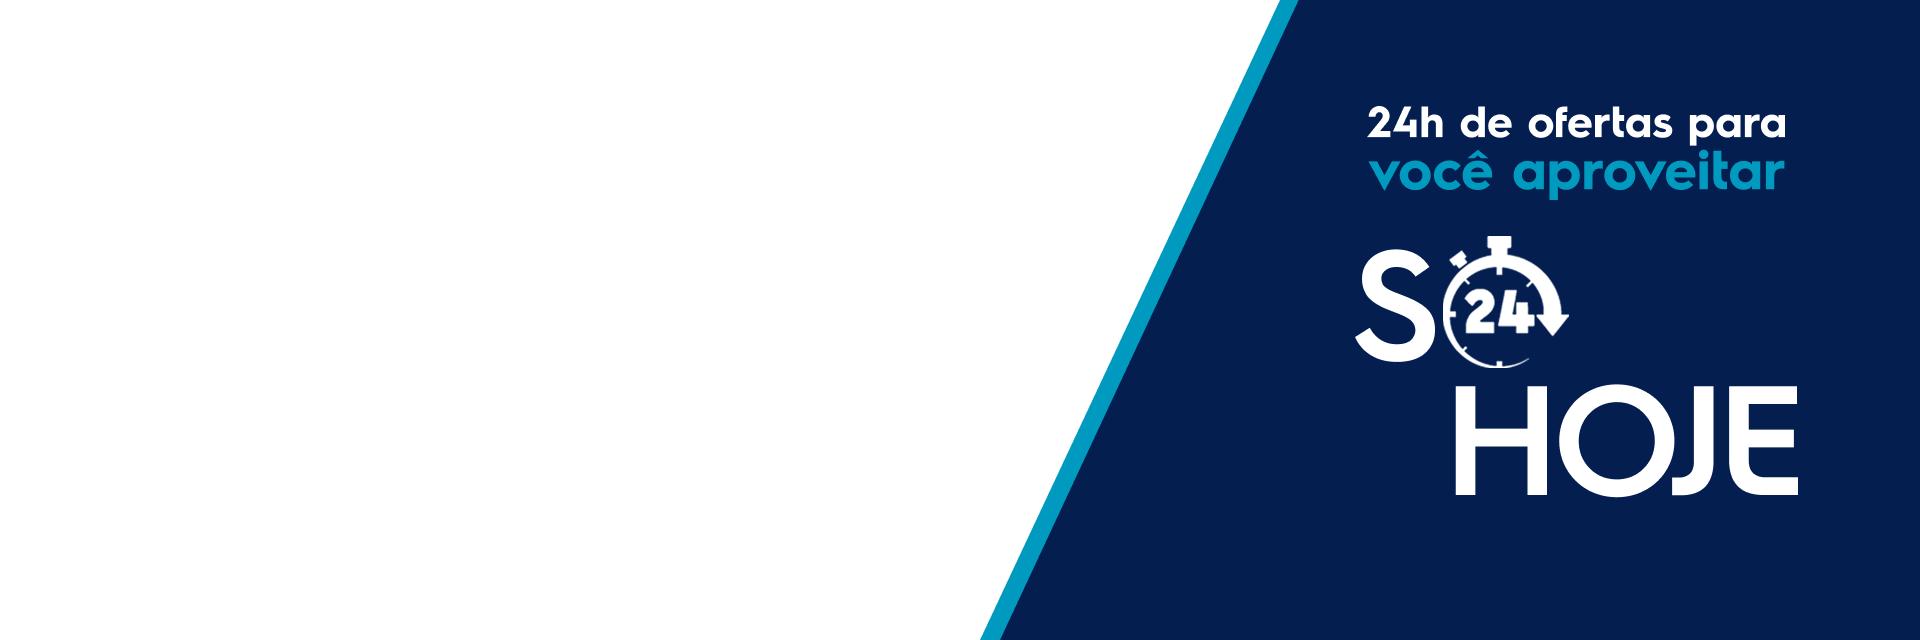 banner--principal-vitrine